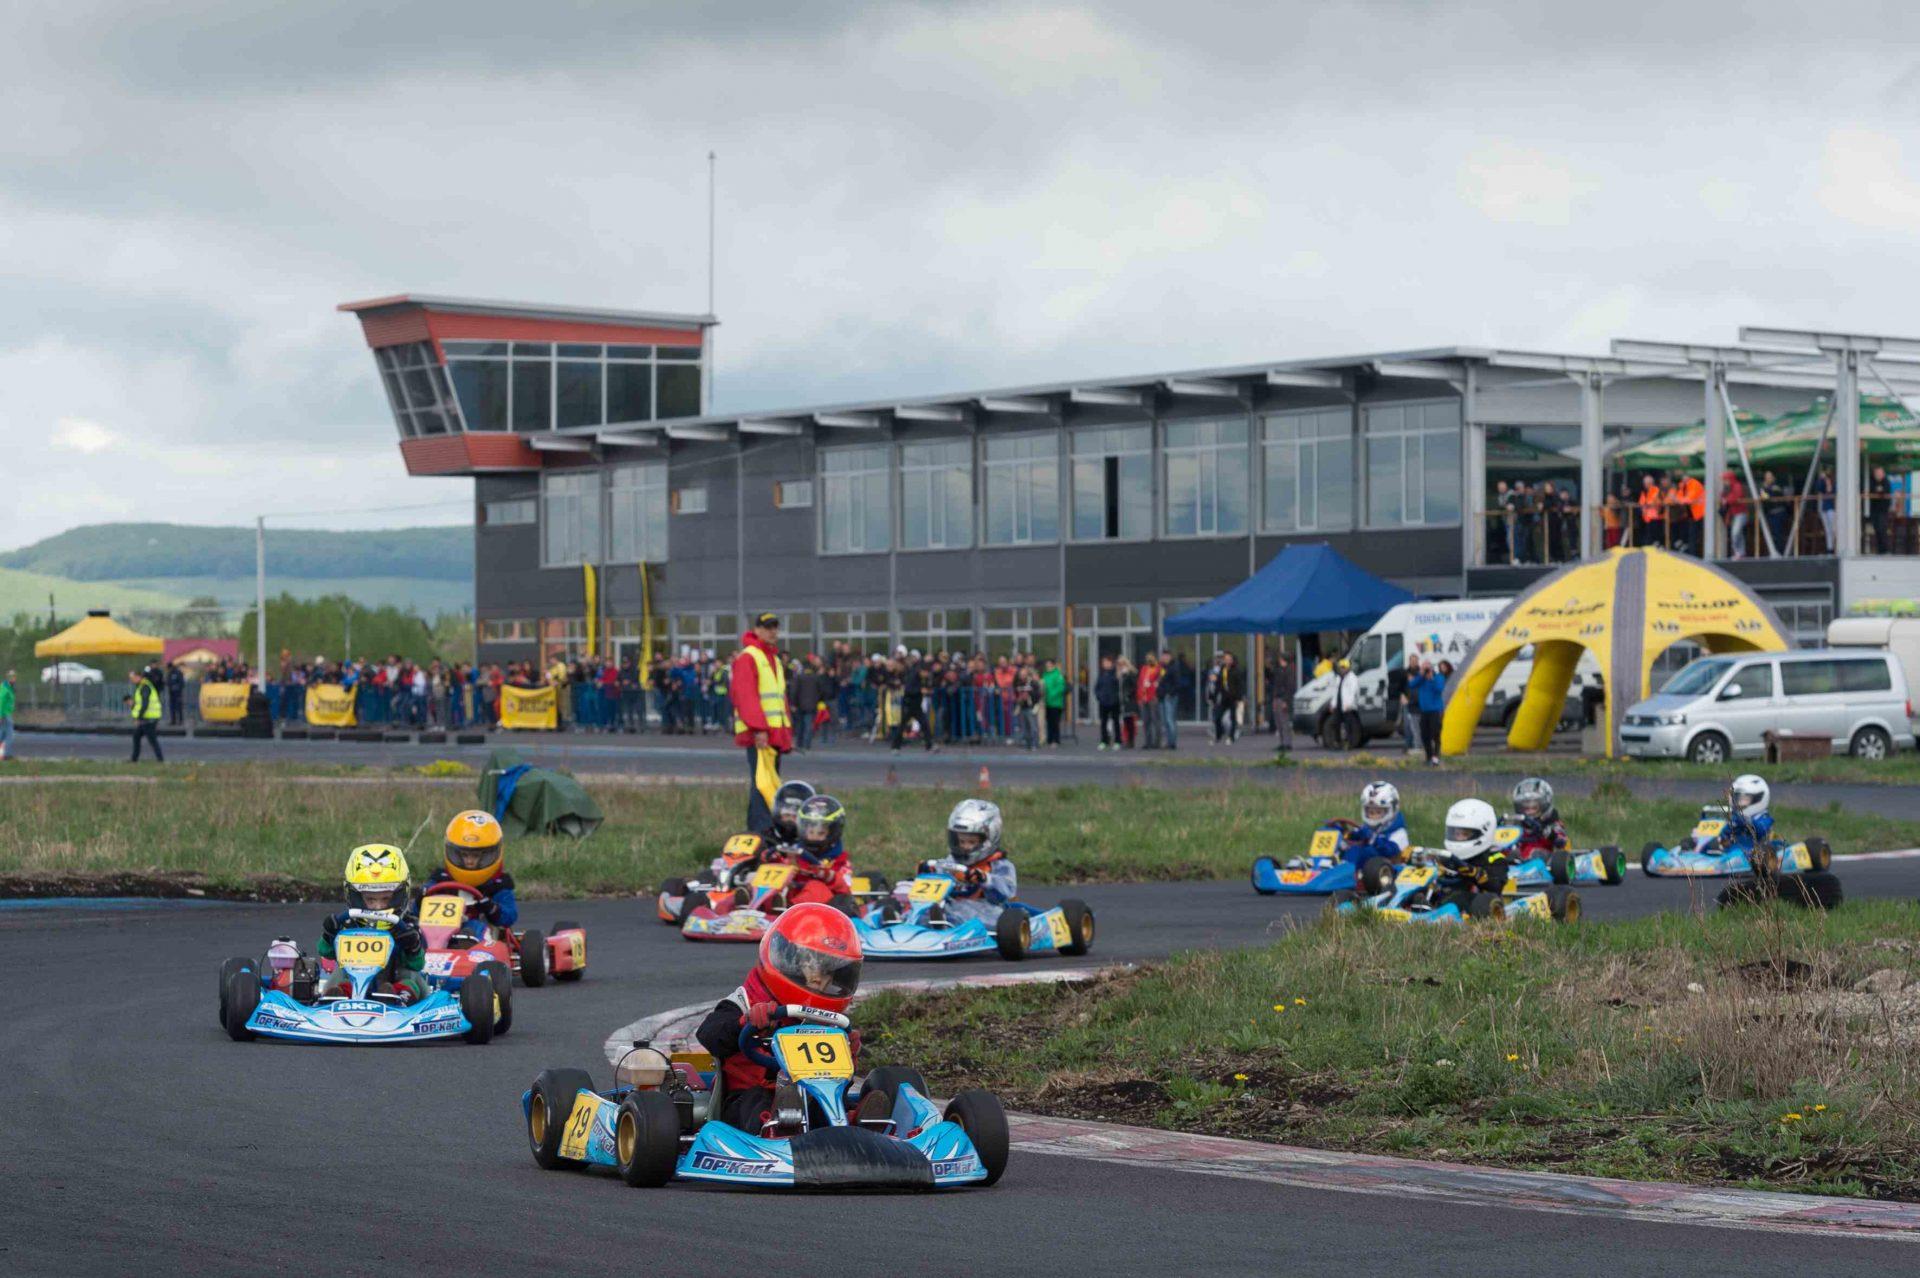 Bacaul va gazdui cea de-a doua etapa a Campionatului National de Karting Dunlop 2015